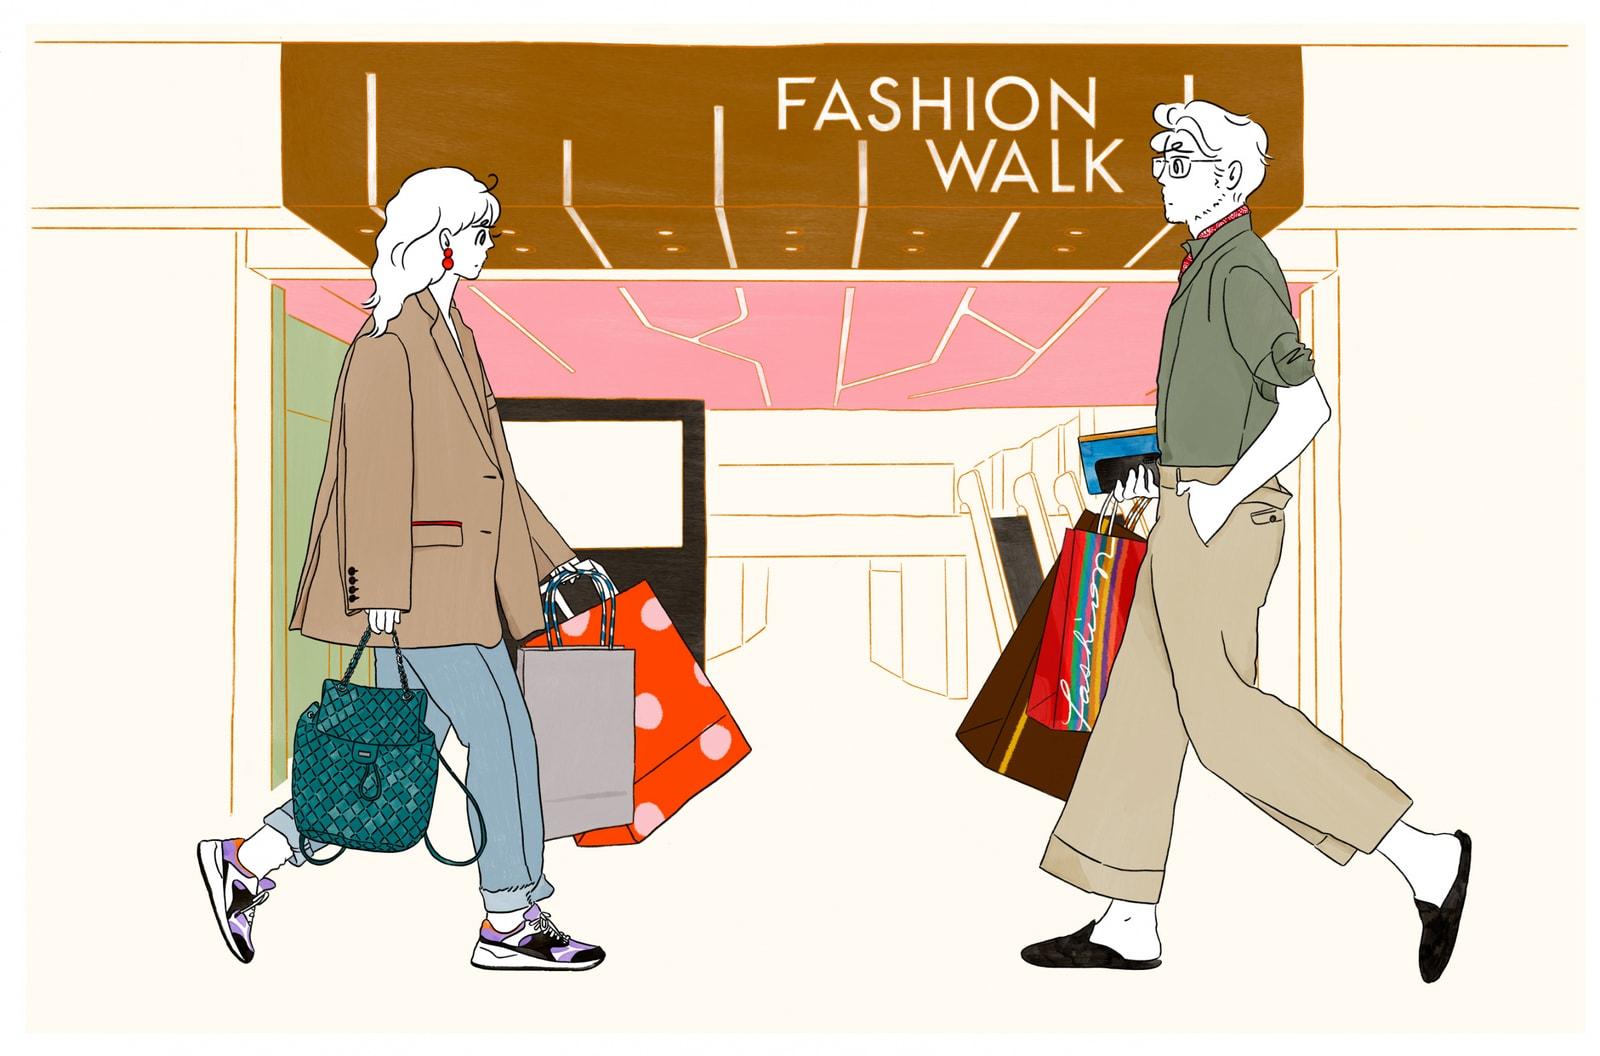 Fashion Walk 全新面貌,15 間時尚新店登場